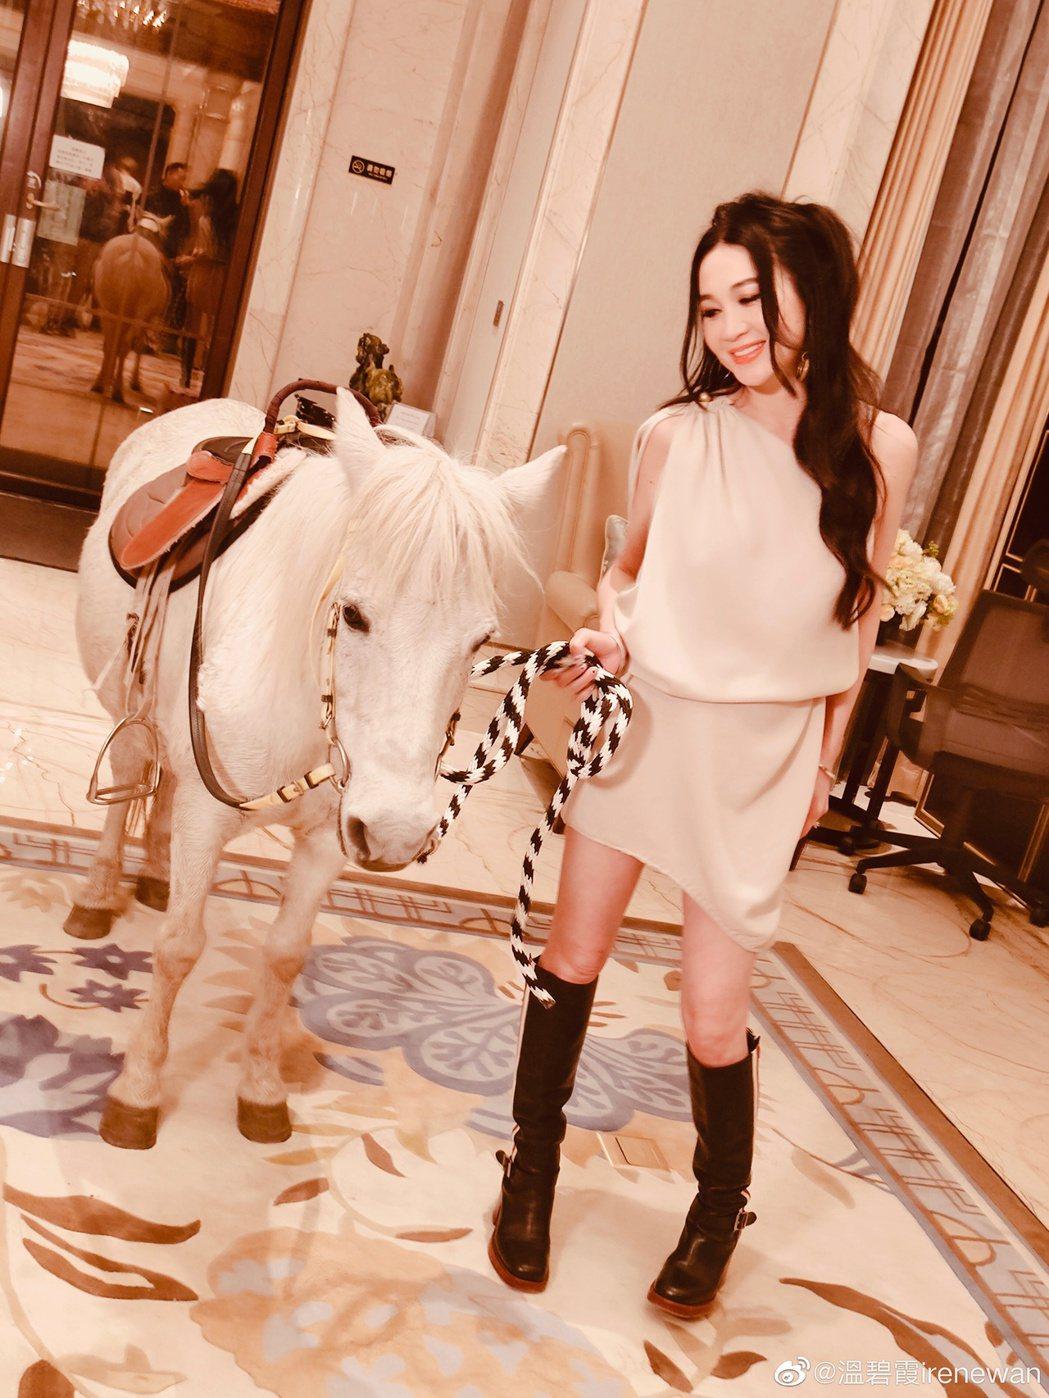 溫碧霞在豪宅內騎馬。 圖/擷自溫碧霞微博